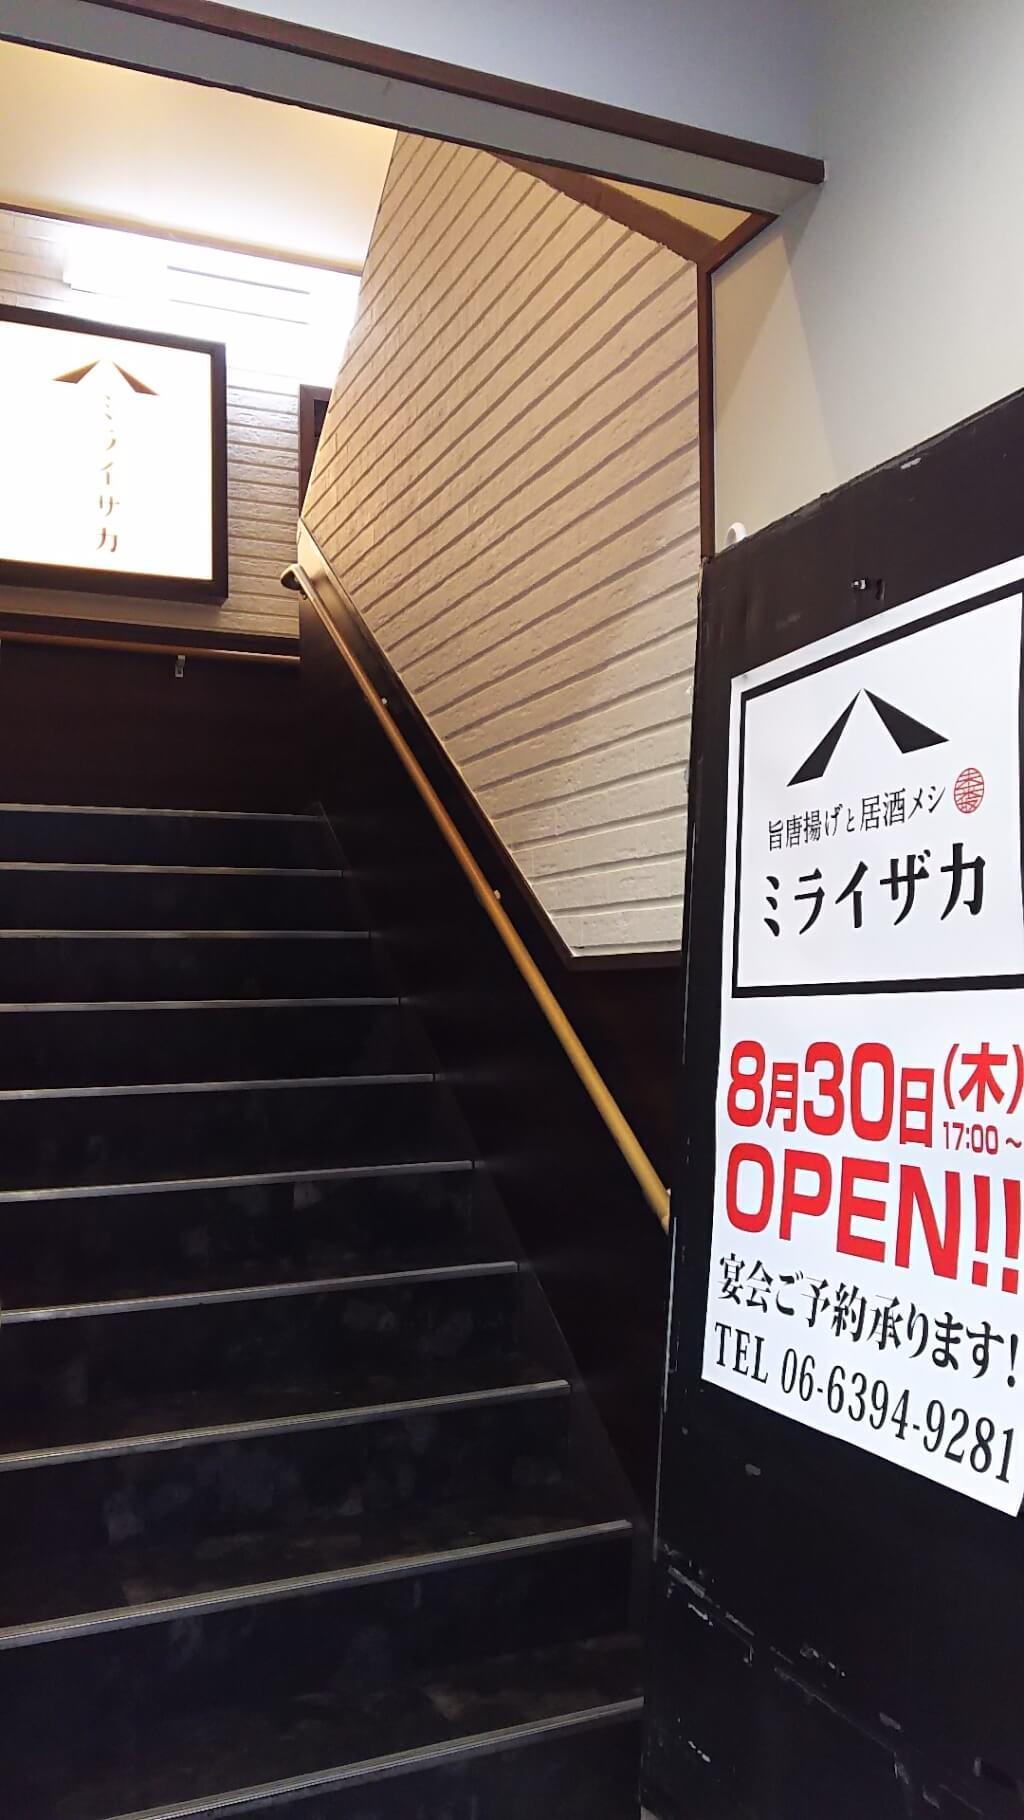 ミライザカ 2階への階段